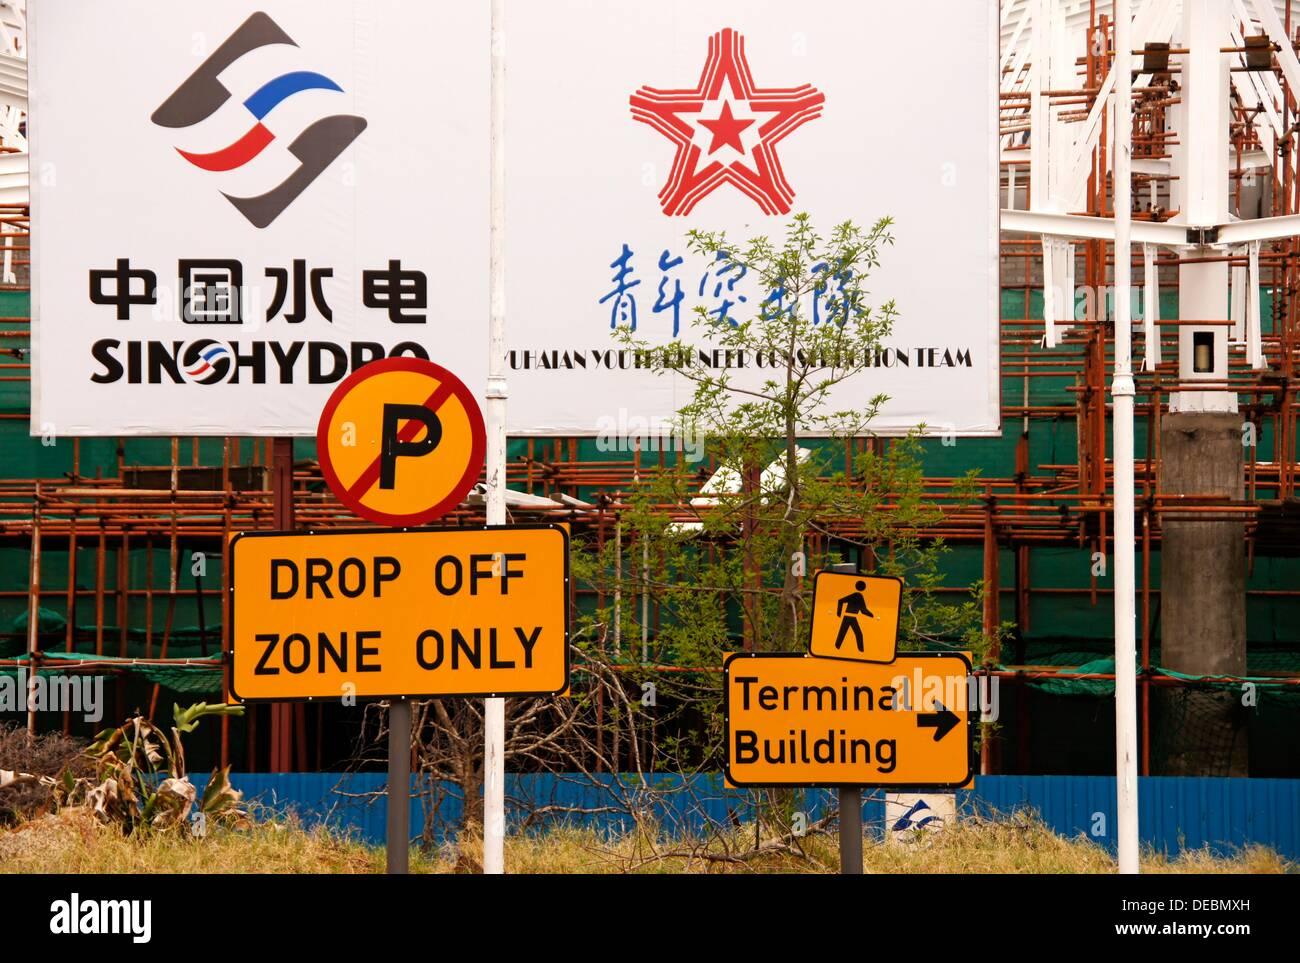 Chineses companies building the Gaborone International Airport, Botswana - Stock Image